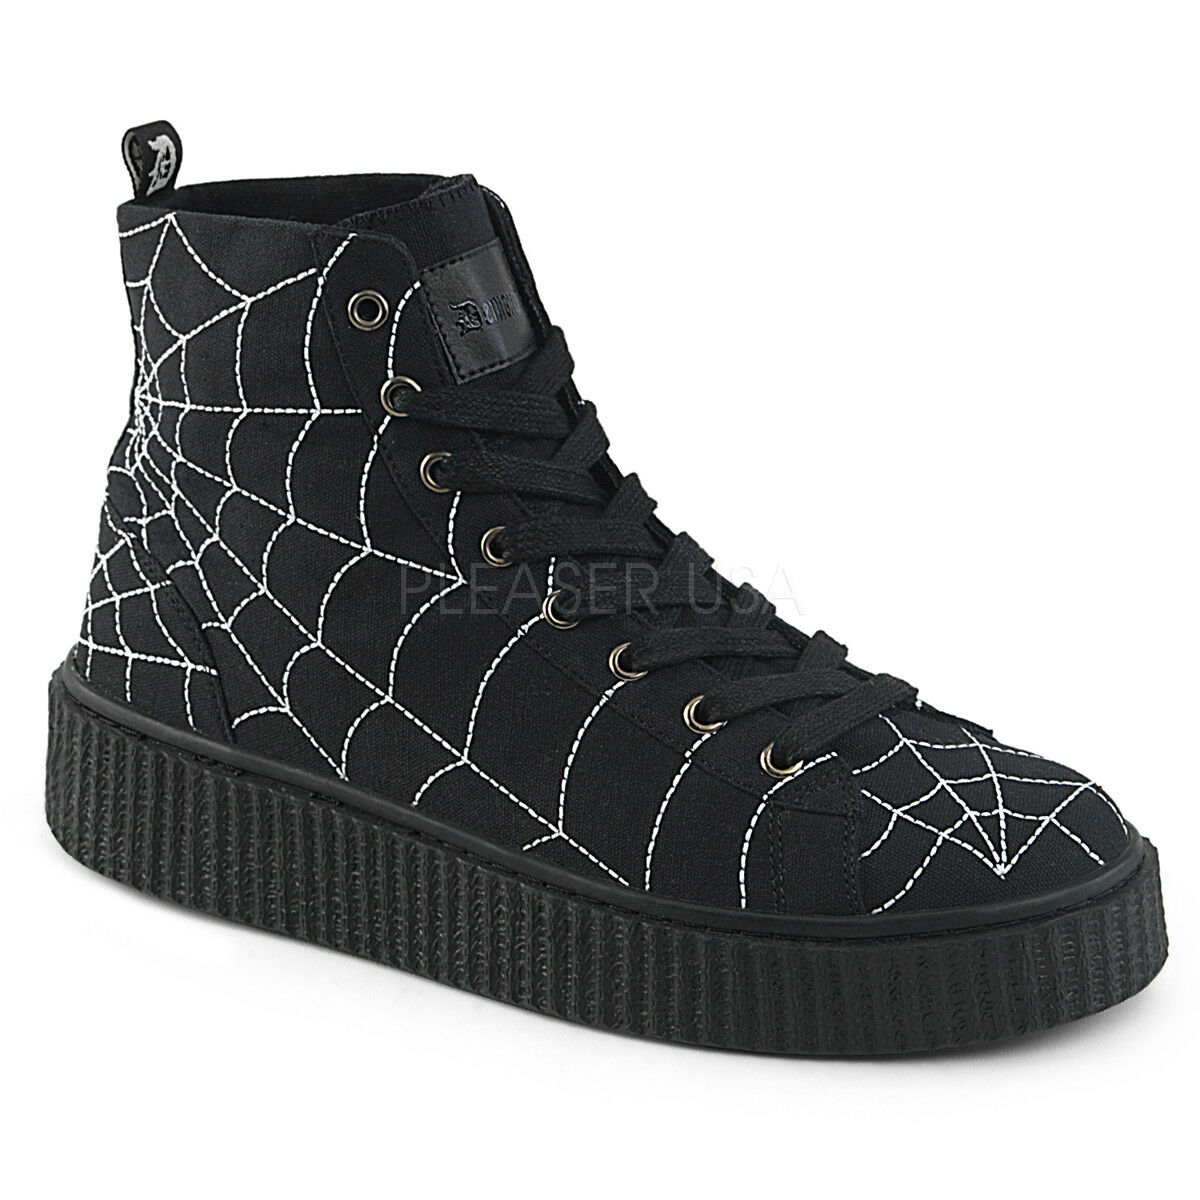 n ° 1 online SNEEKER-250  CANVAS  LACE UP WEB SPIDER SPIDER SPIDER CREEPER BOTTOM HIGH TOP scarpe da ginnastica ( UNISEX  perfezionare